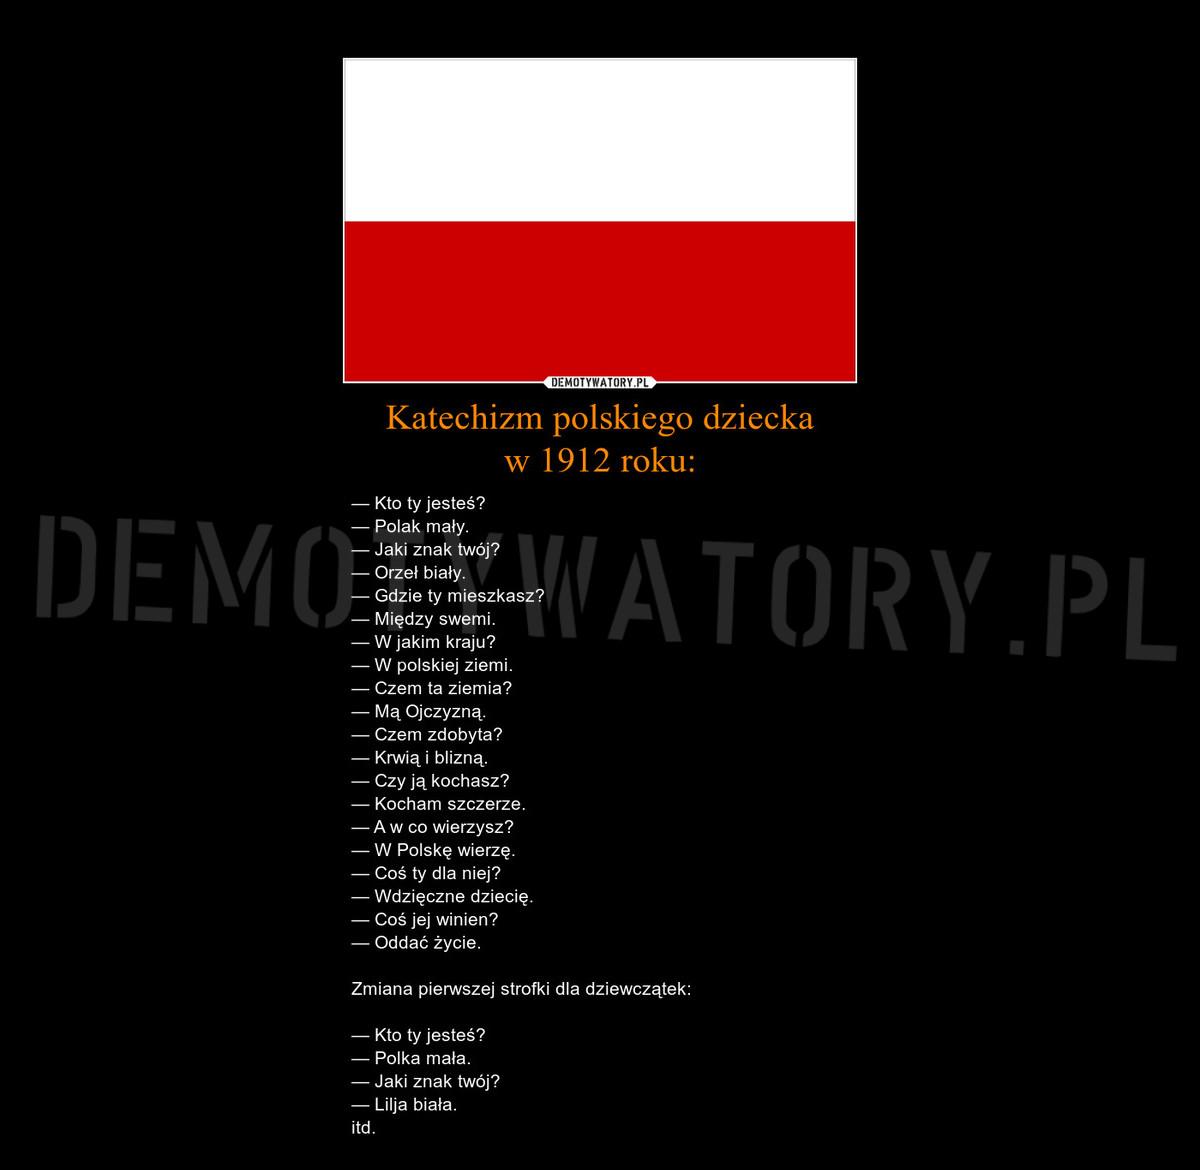 Katechizm Polskiego Dziecka W 1912 Roku Demotywatorypl